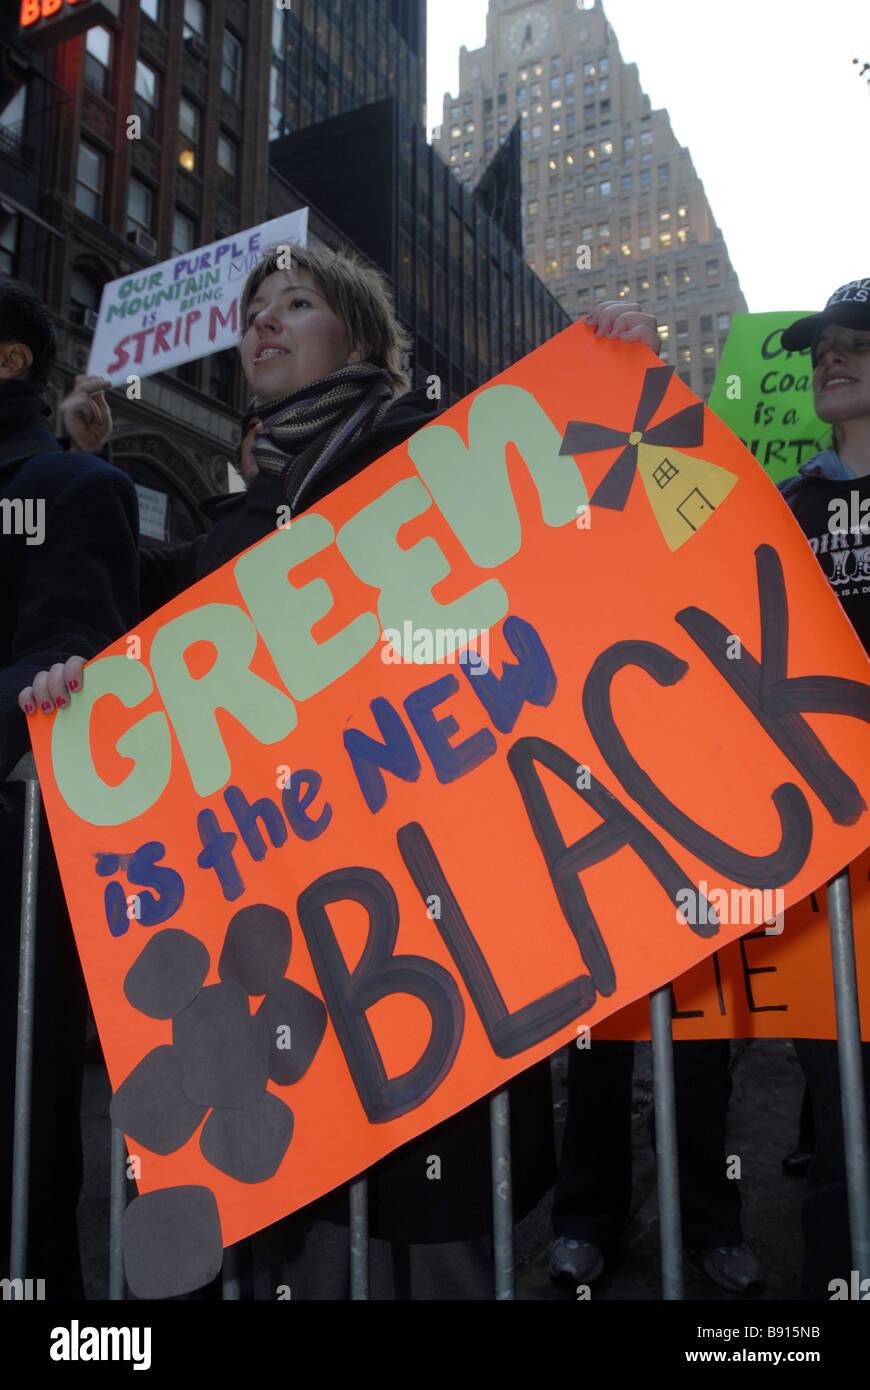 Demonstranten demonstrieren gegen die Nutzung von Kohle als Energiequelle Stockbild